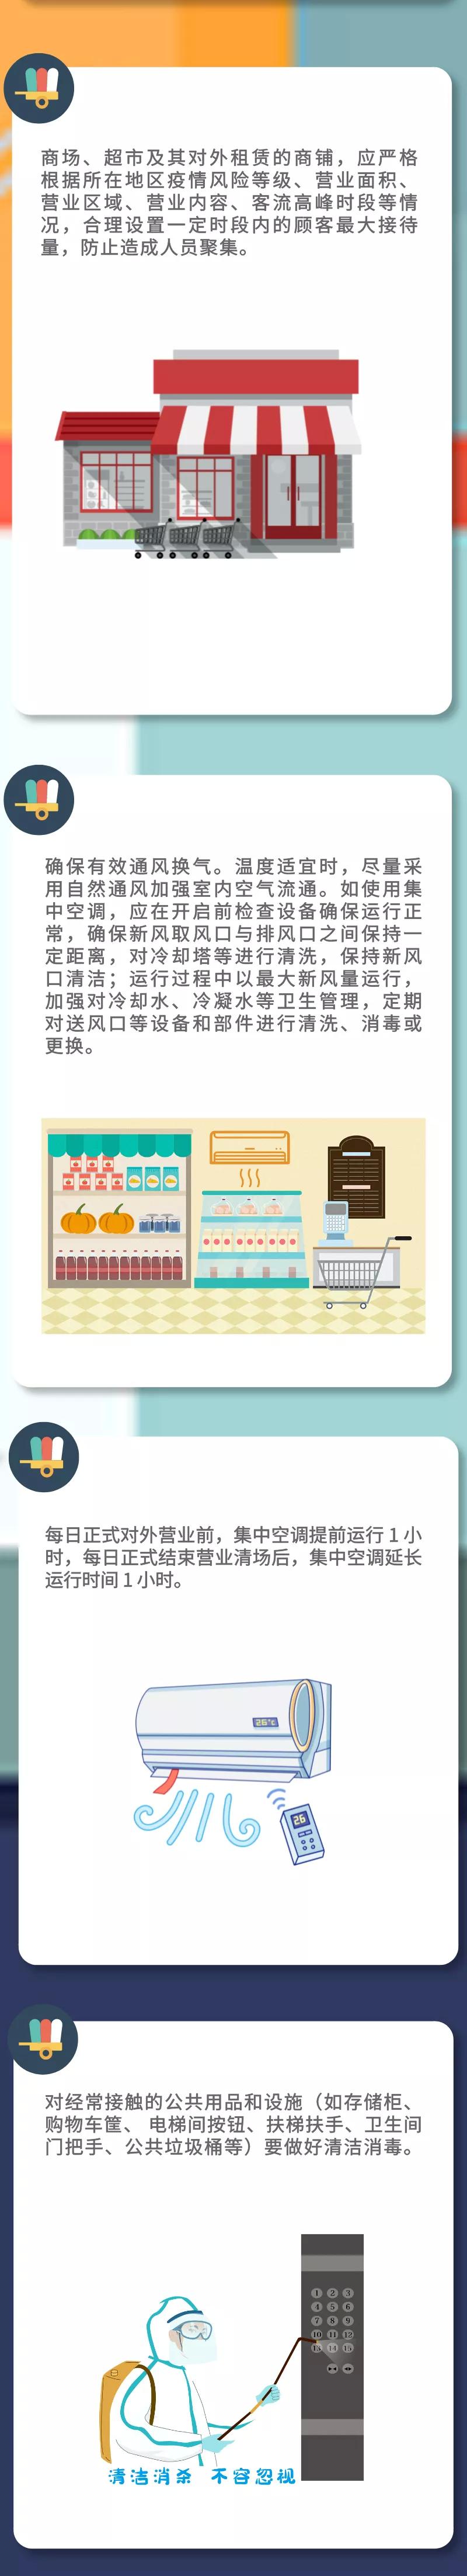 【众志成城 防控疫情】新冠肺炎疫情常态化防控防护指南之商场和超市篇